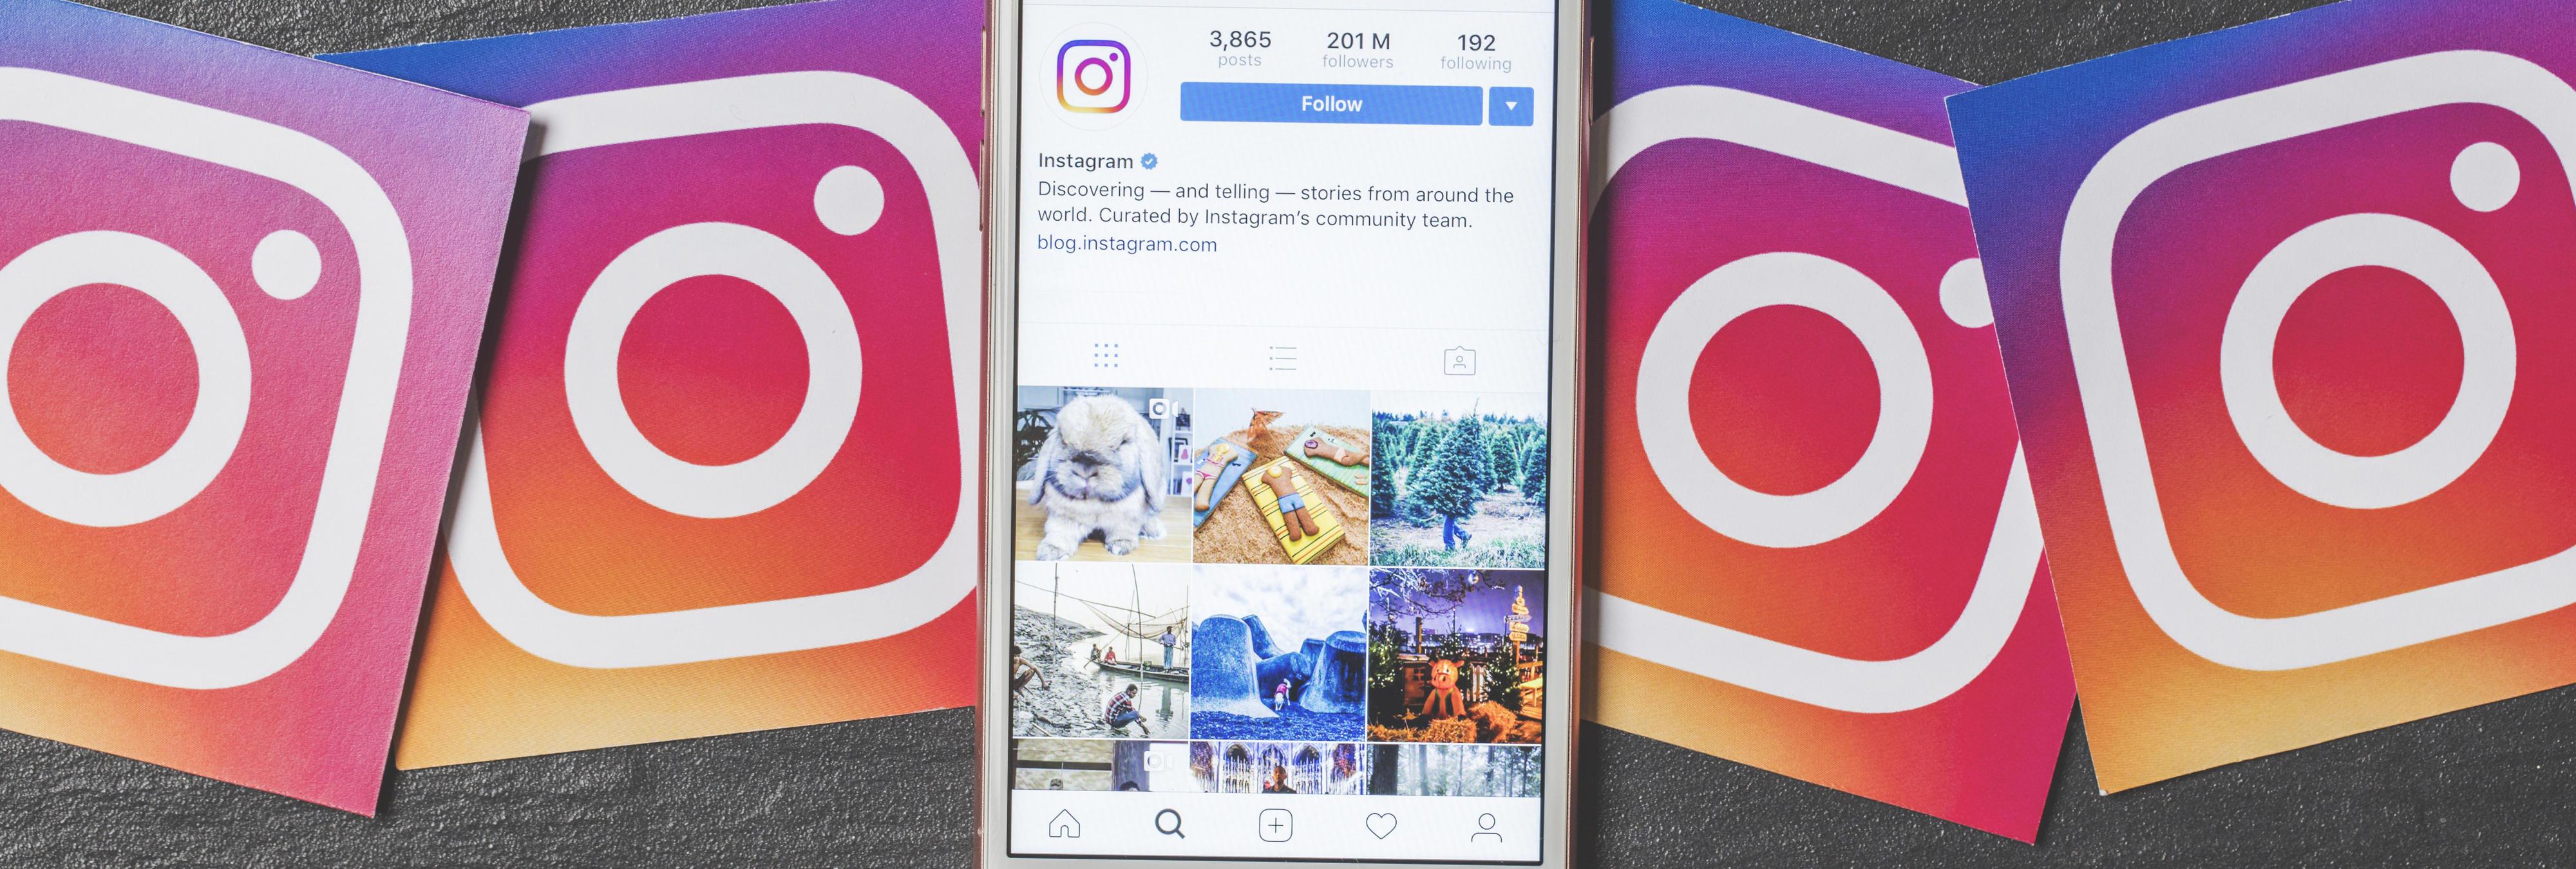 ¿Vivir de Instagram? Ya han inventado una carrera universitaria para ello